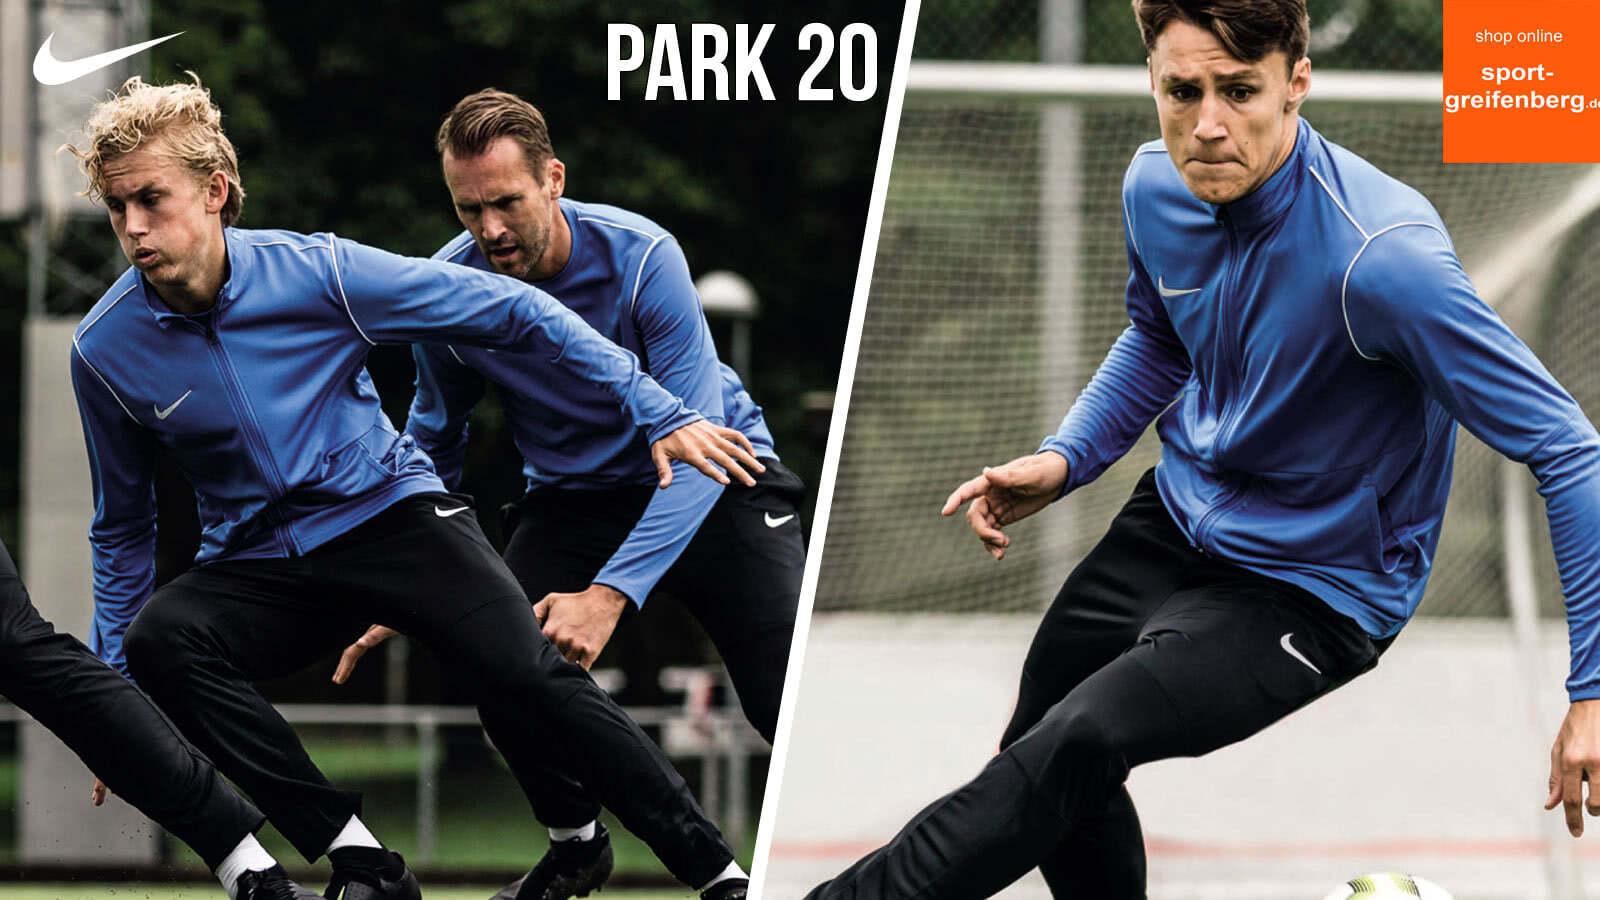 die Nike Park 20 Sportbekleidung für 2020 bis 2023